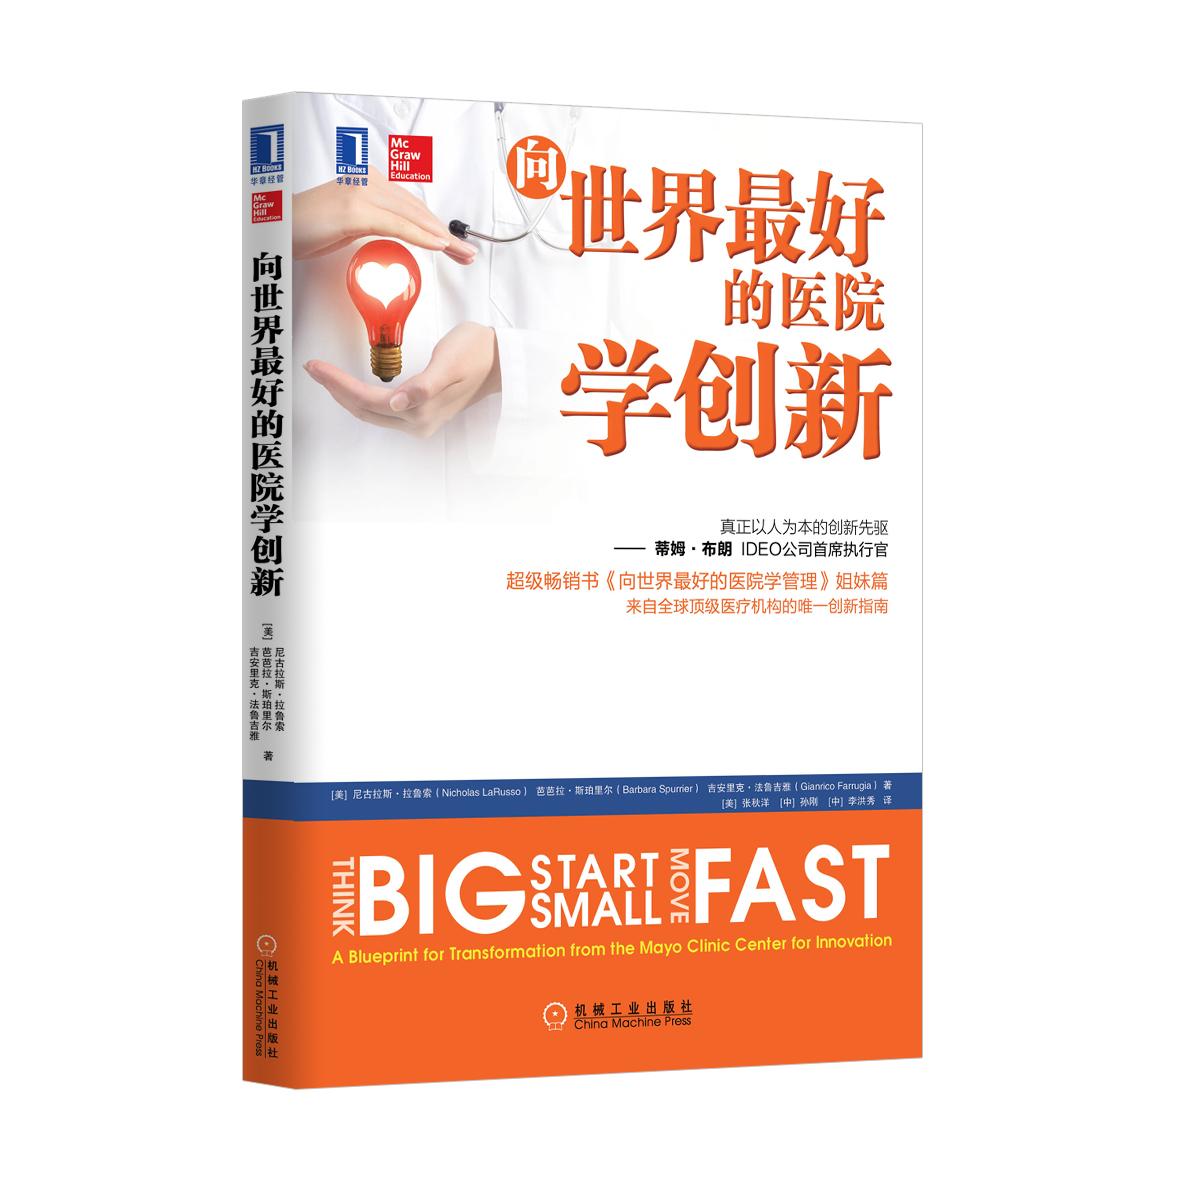 4950006|正版现货 向世界最好的医院学创新 企业管理/运营管理/项目管理/管理类  书籍 商城